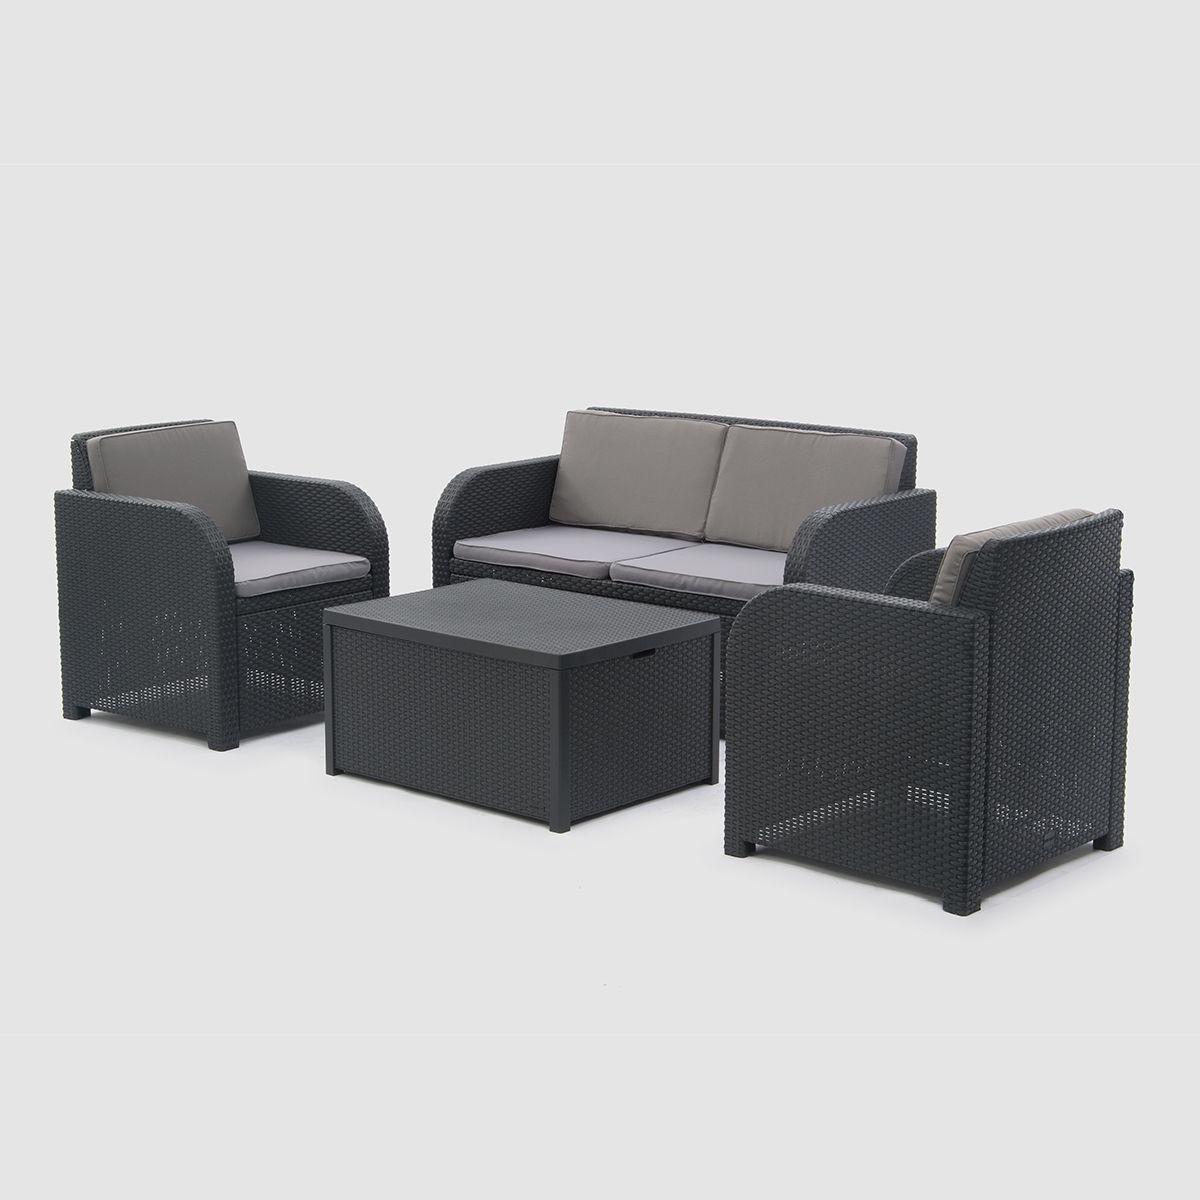 Modena Allibert Sofa Set | Notcutts | Notcutts | furniture | Pinterest